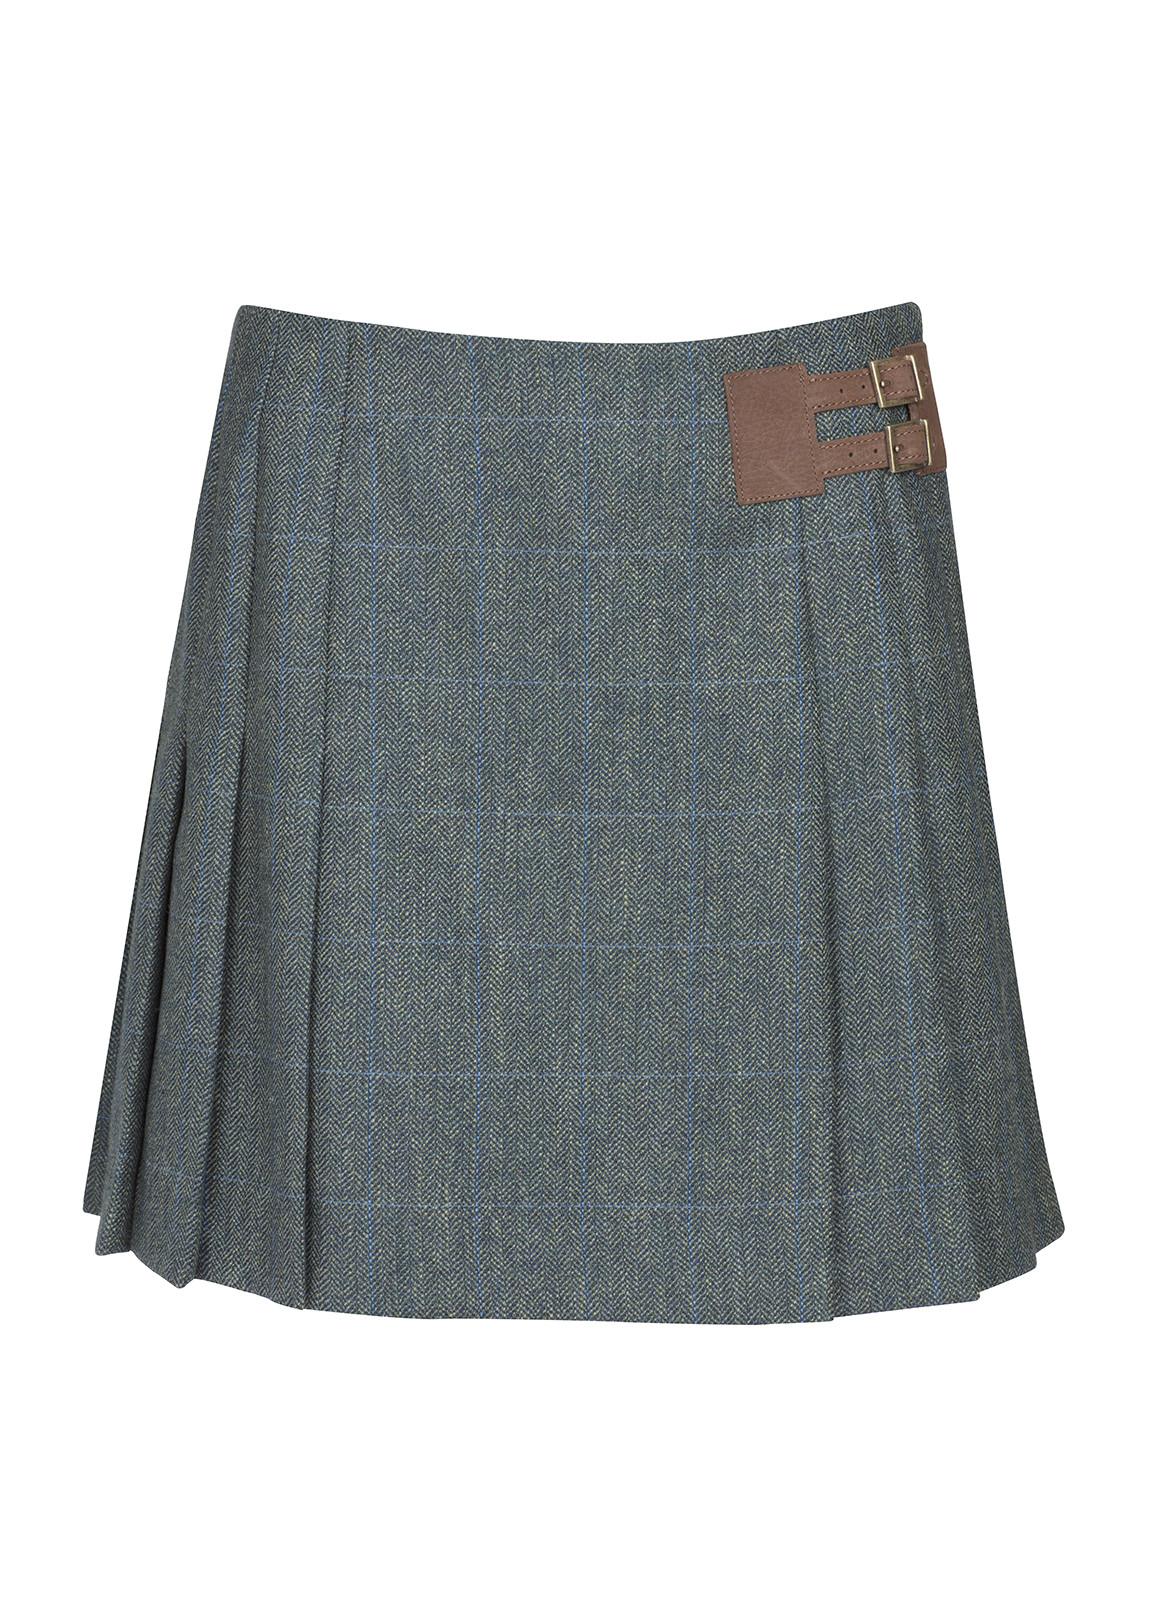 Dubarry_ Foxglove Tweed Skirt - Mist_Image_2